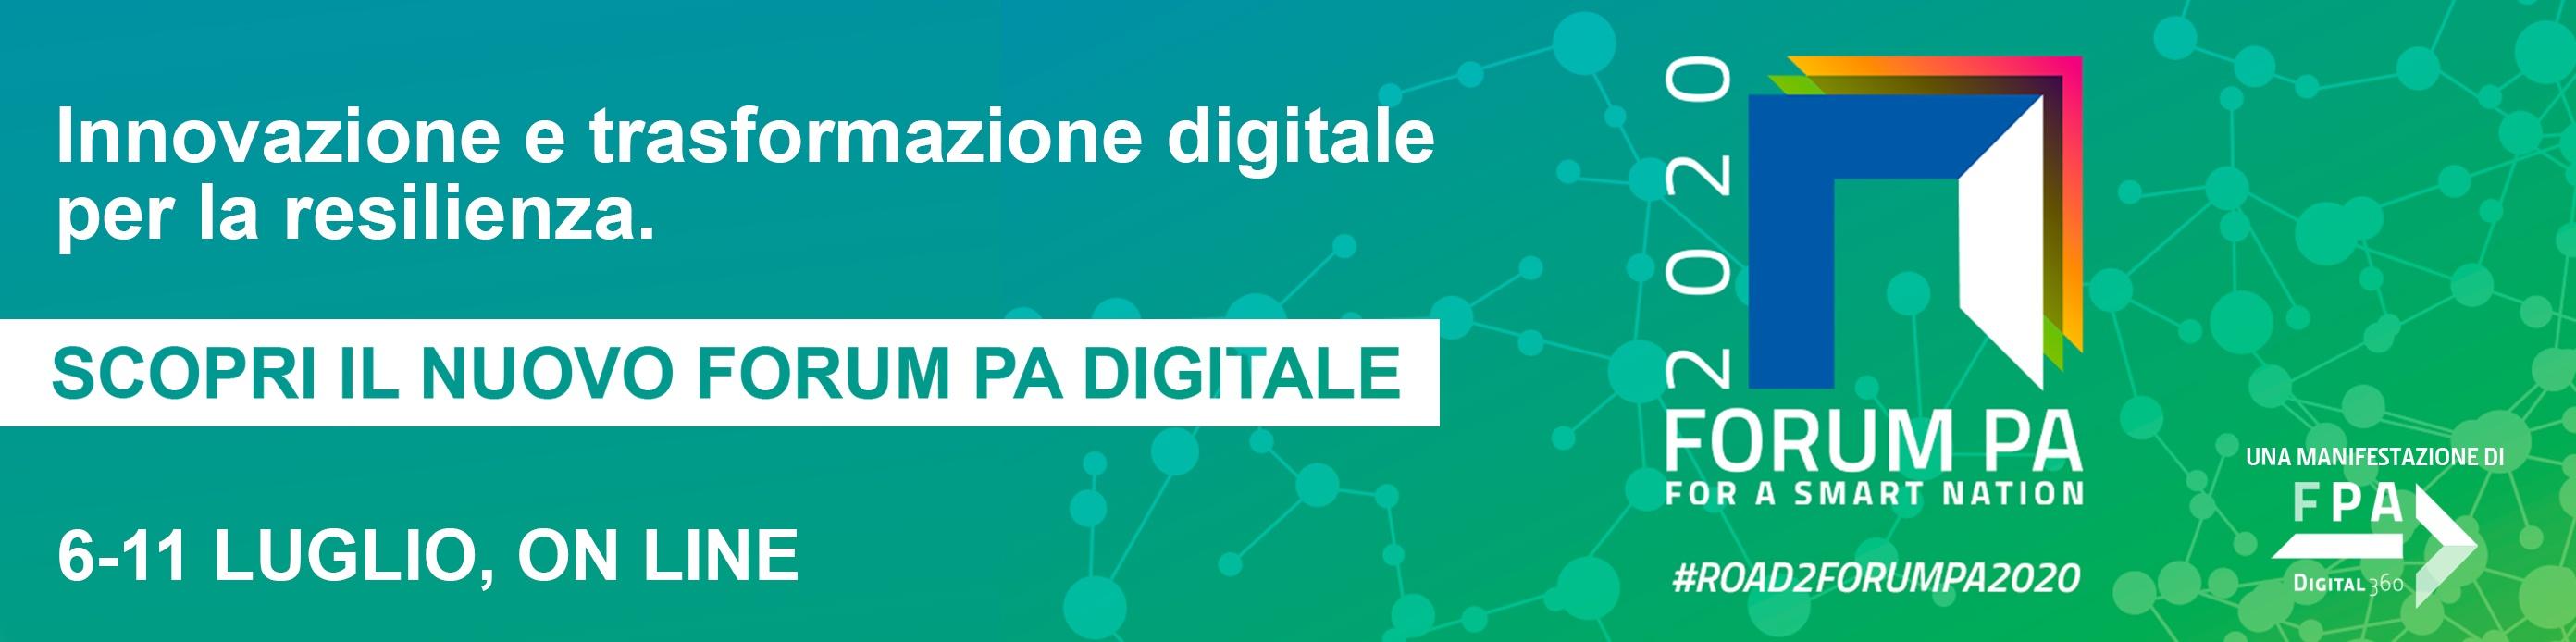 Innovazione e trasformazione digitale per la resilienza - Scopri il nuovo Forum PA digitale